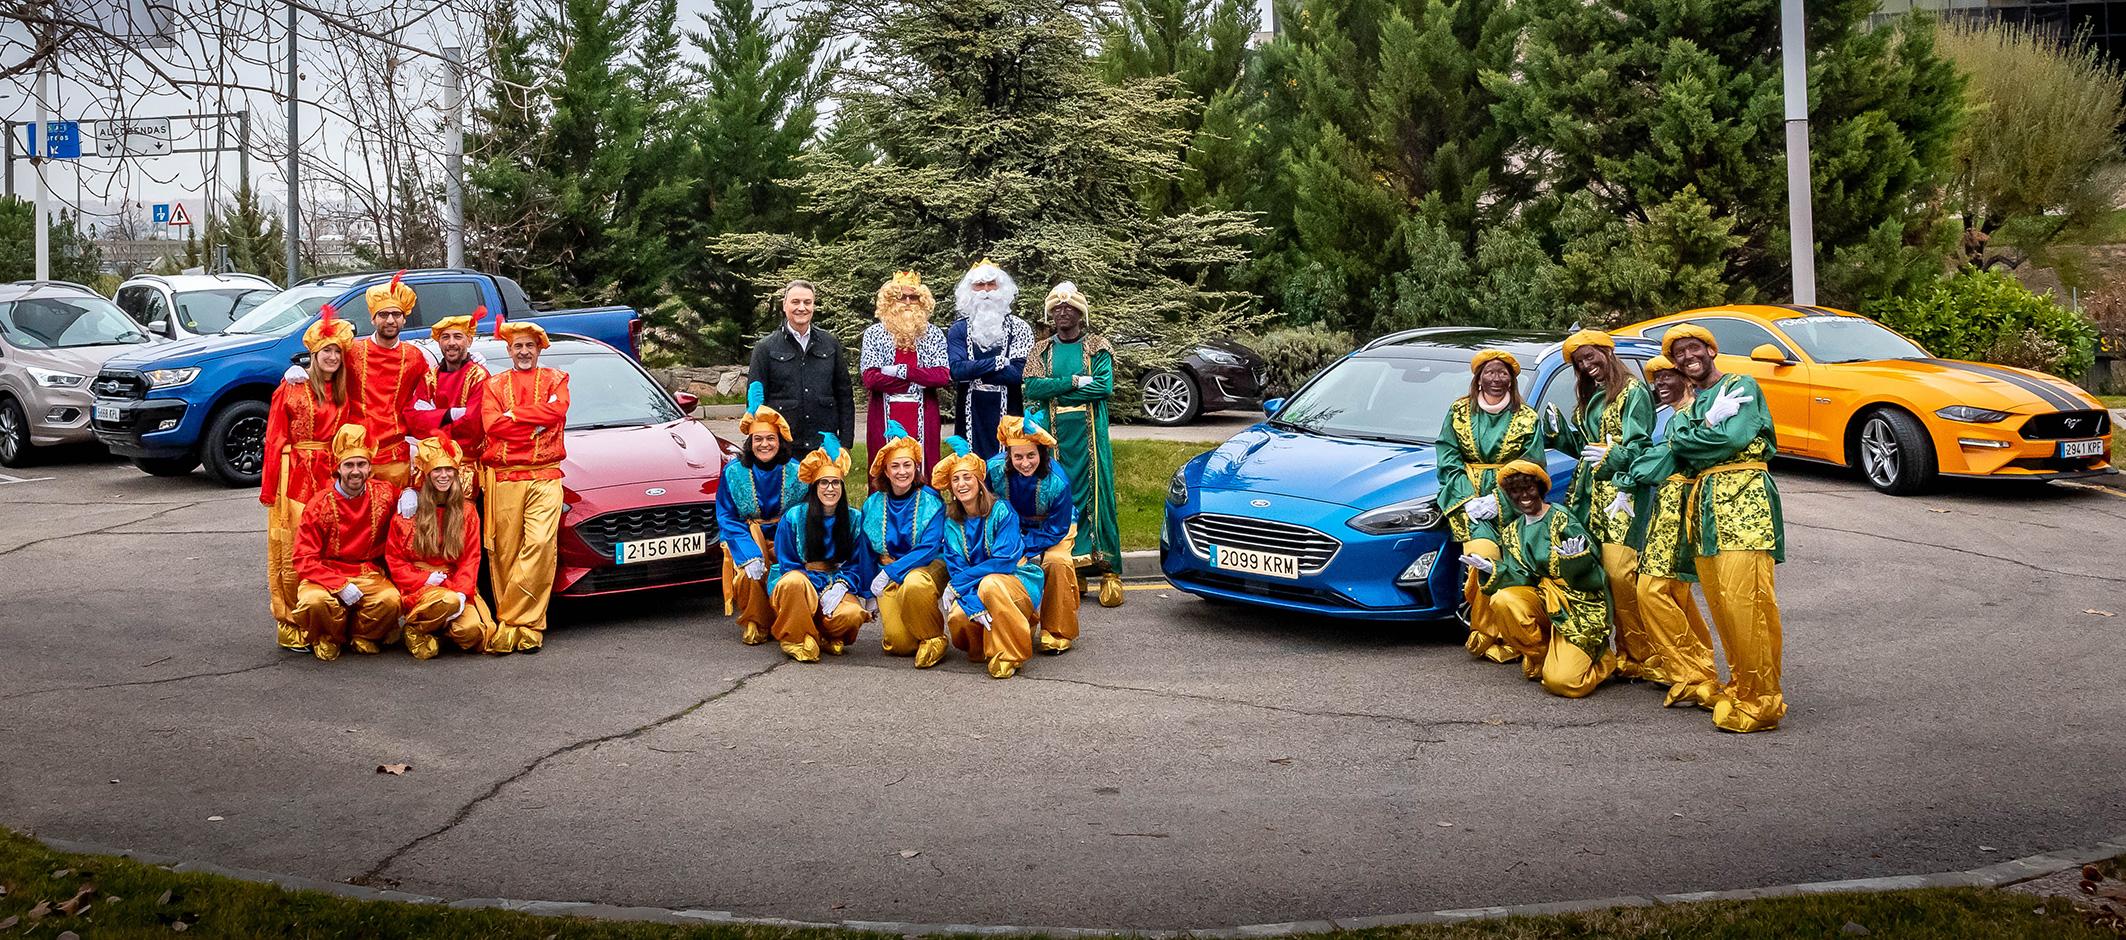 Ford acerca a los Reyes Magos a la Fundación Bobath